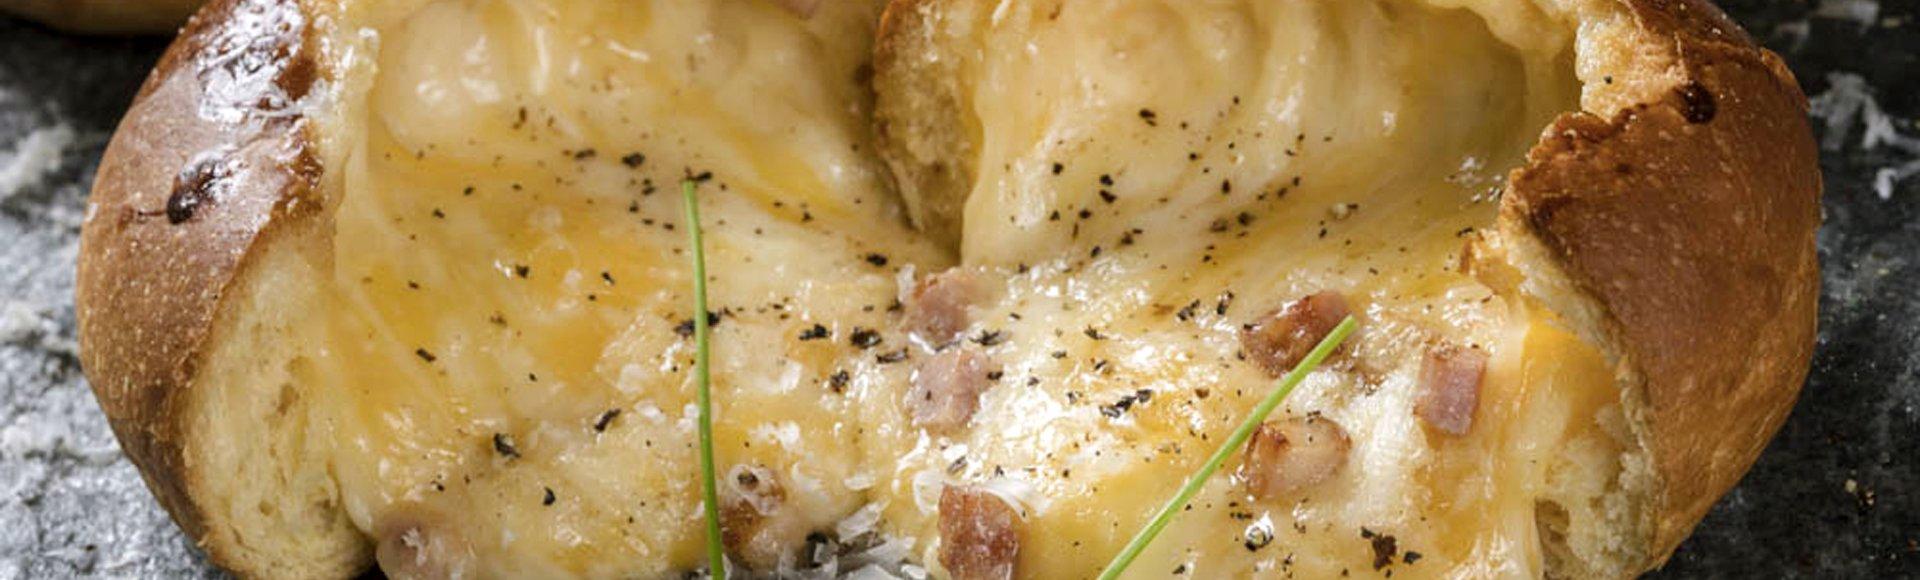 Γεμιστά ψωμάκια με τσένταρ, γραβιέρα και μπέικον